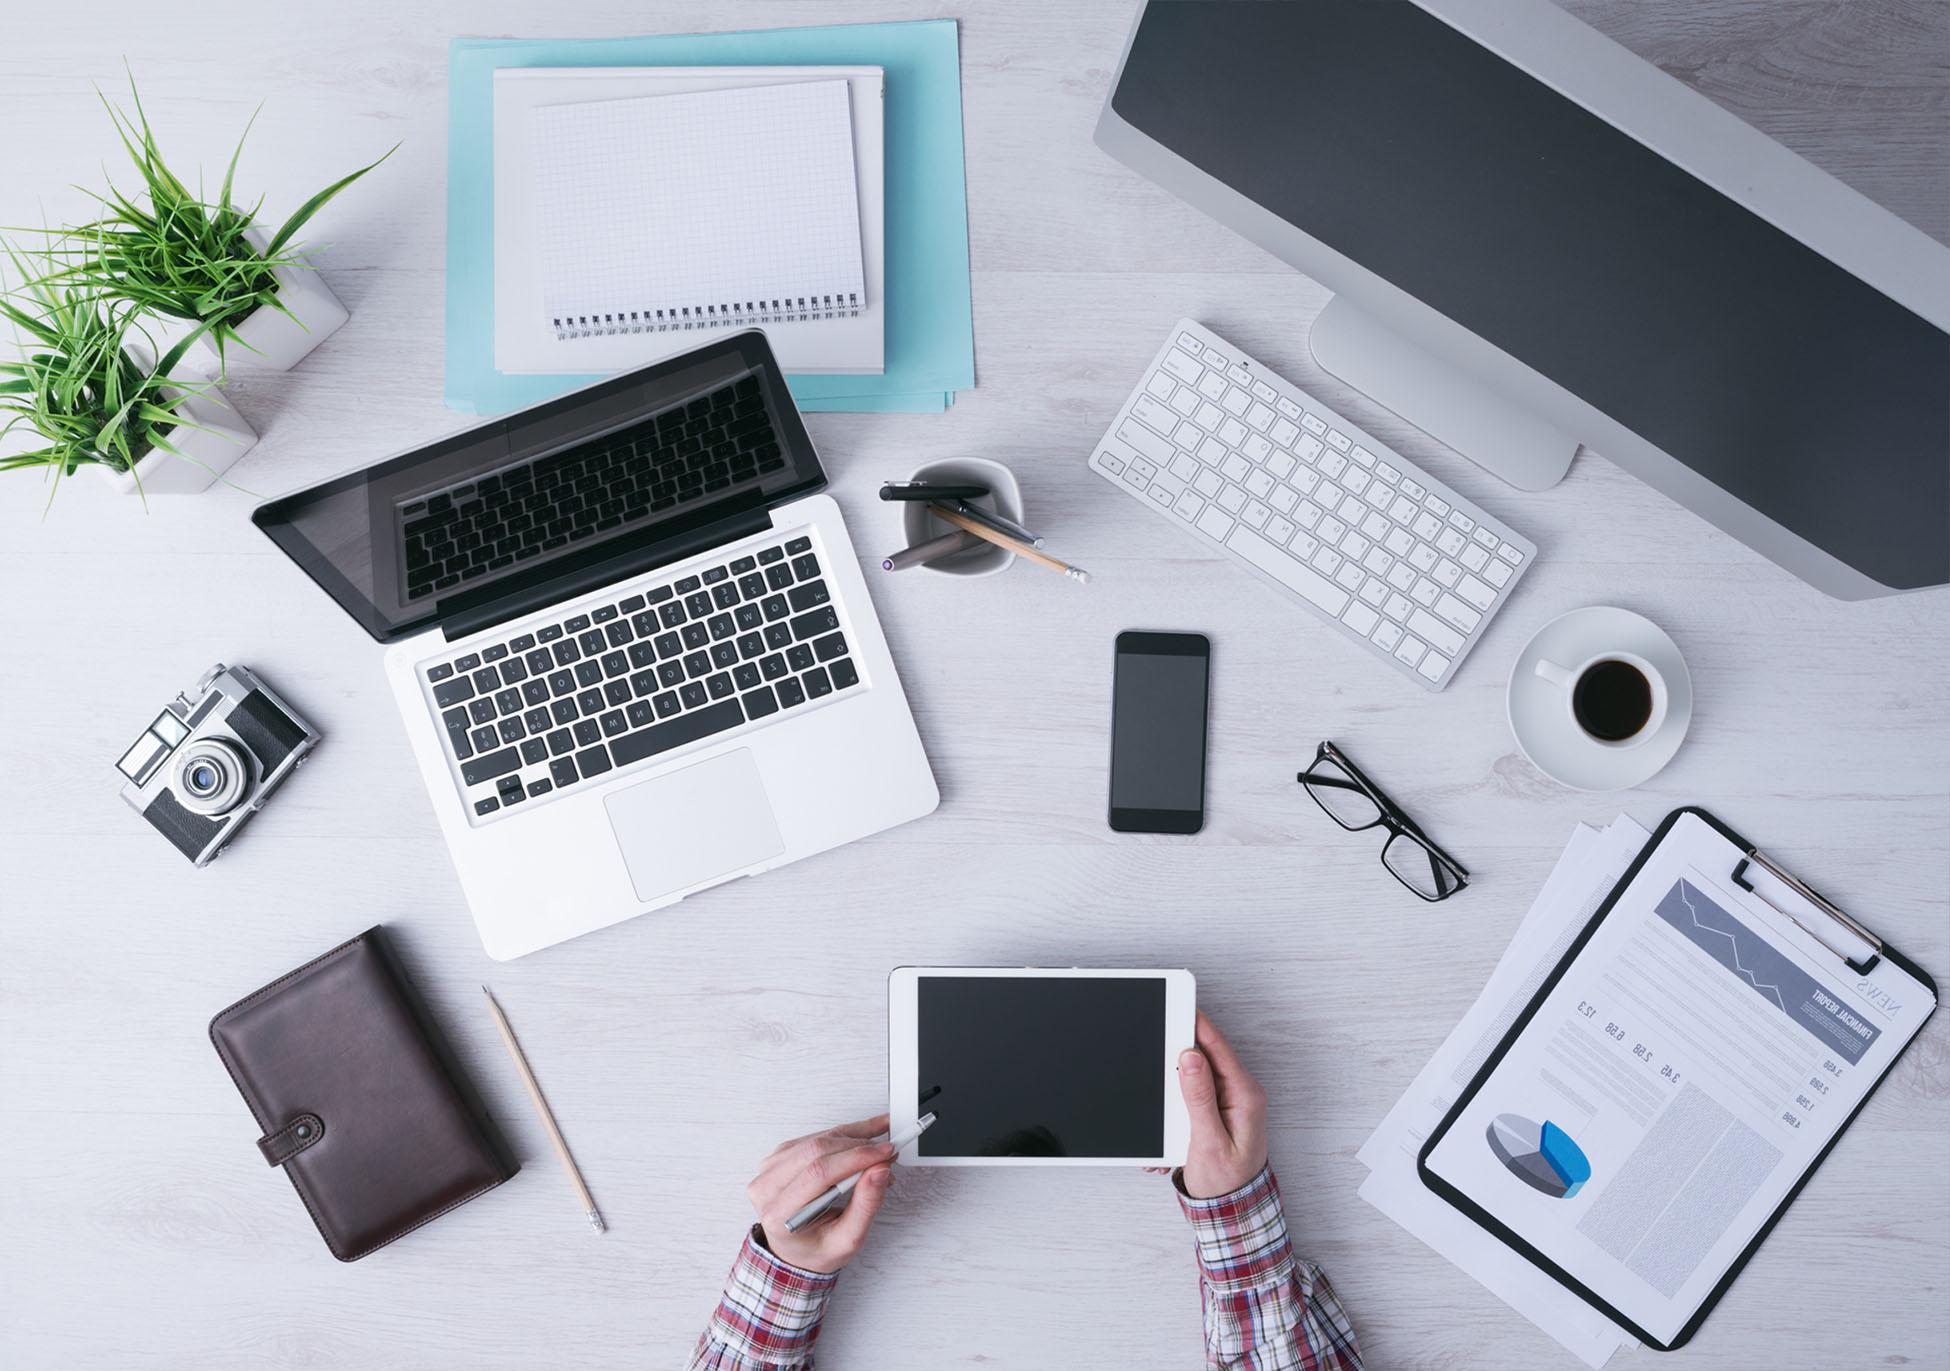 Agence web Genève : je travaille dans l'un des services de l'entreprise